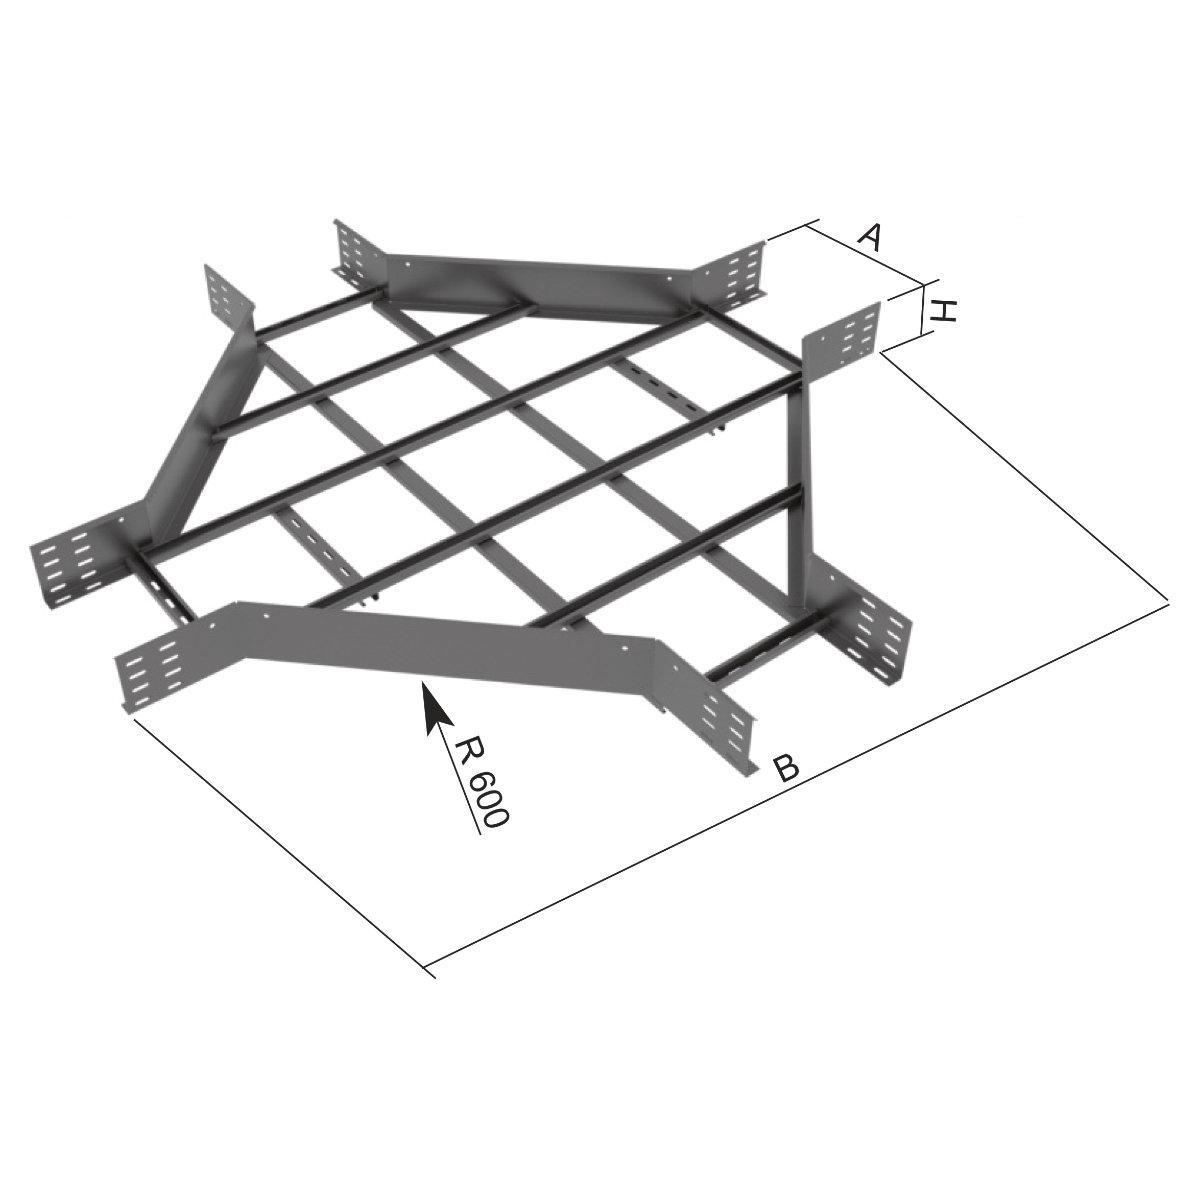 Відгалужувач хрестоподібний на лоток драбинного типу KOPOS; розміри-110x200x1400mm Товщ. метал-1,5 Вага-кг/м